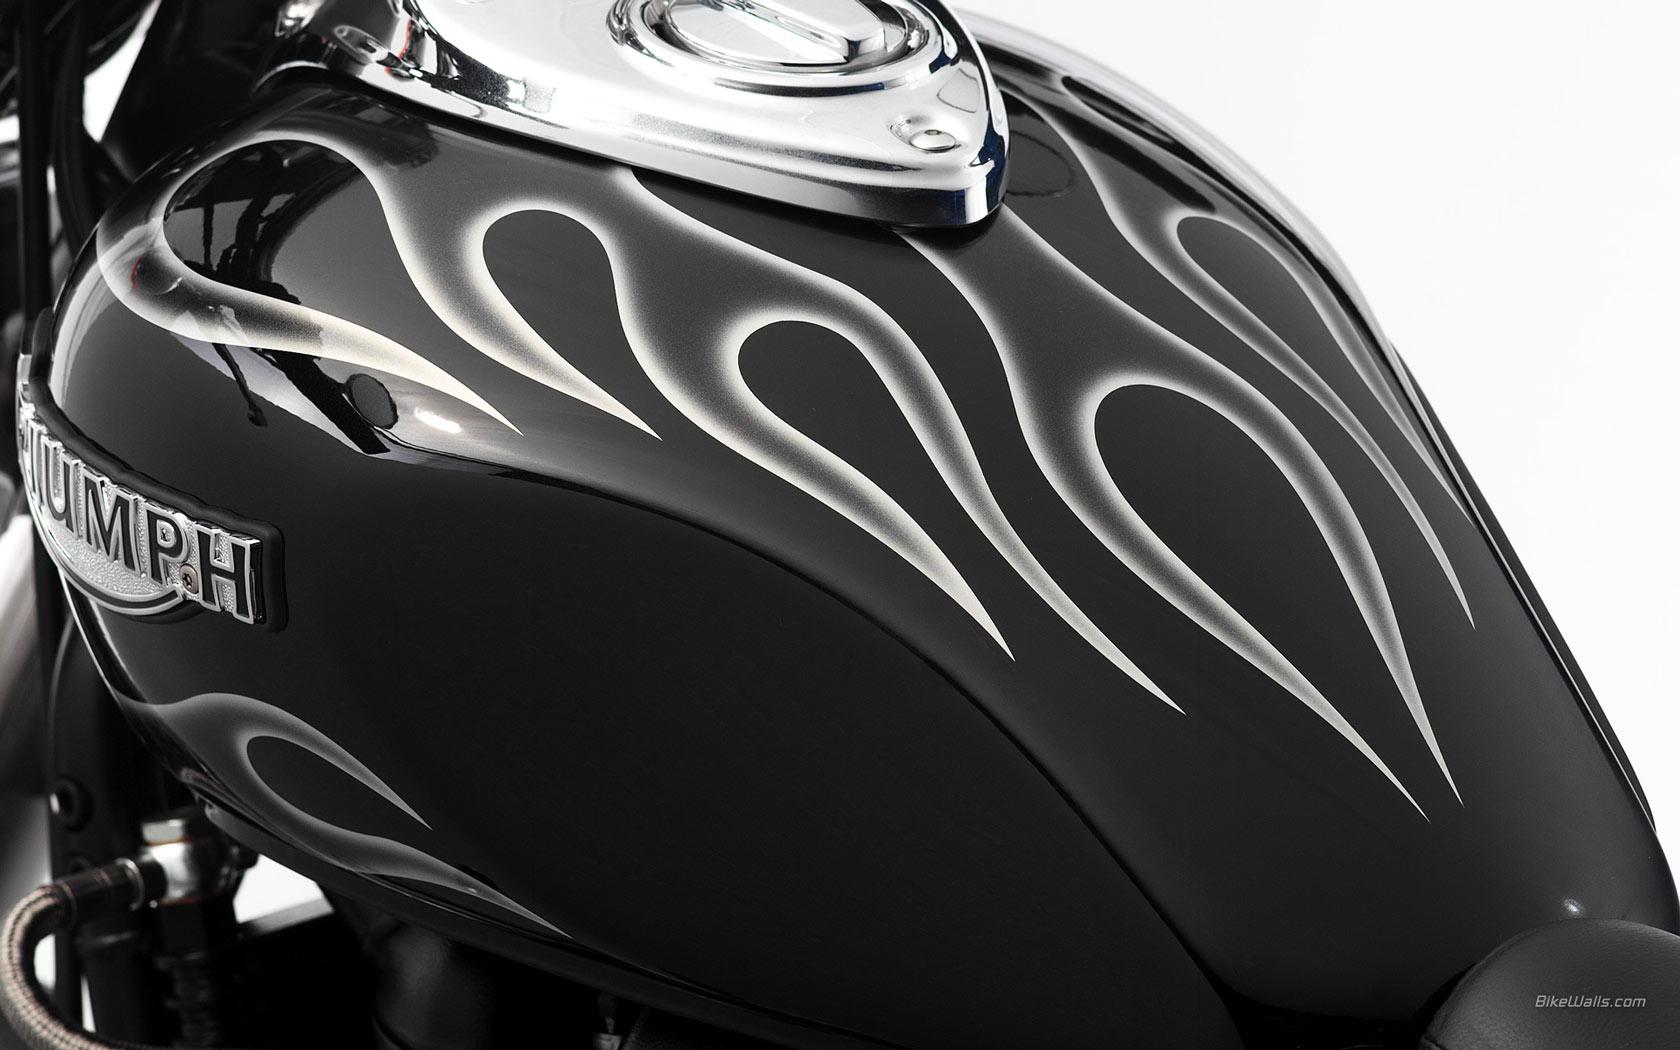 Triumph_Speedmaster_2006_06_1680x1050.jpg